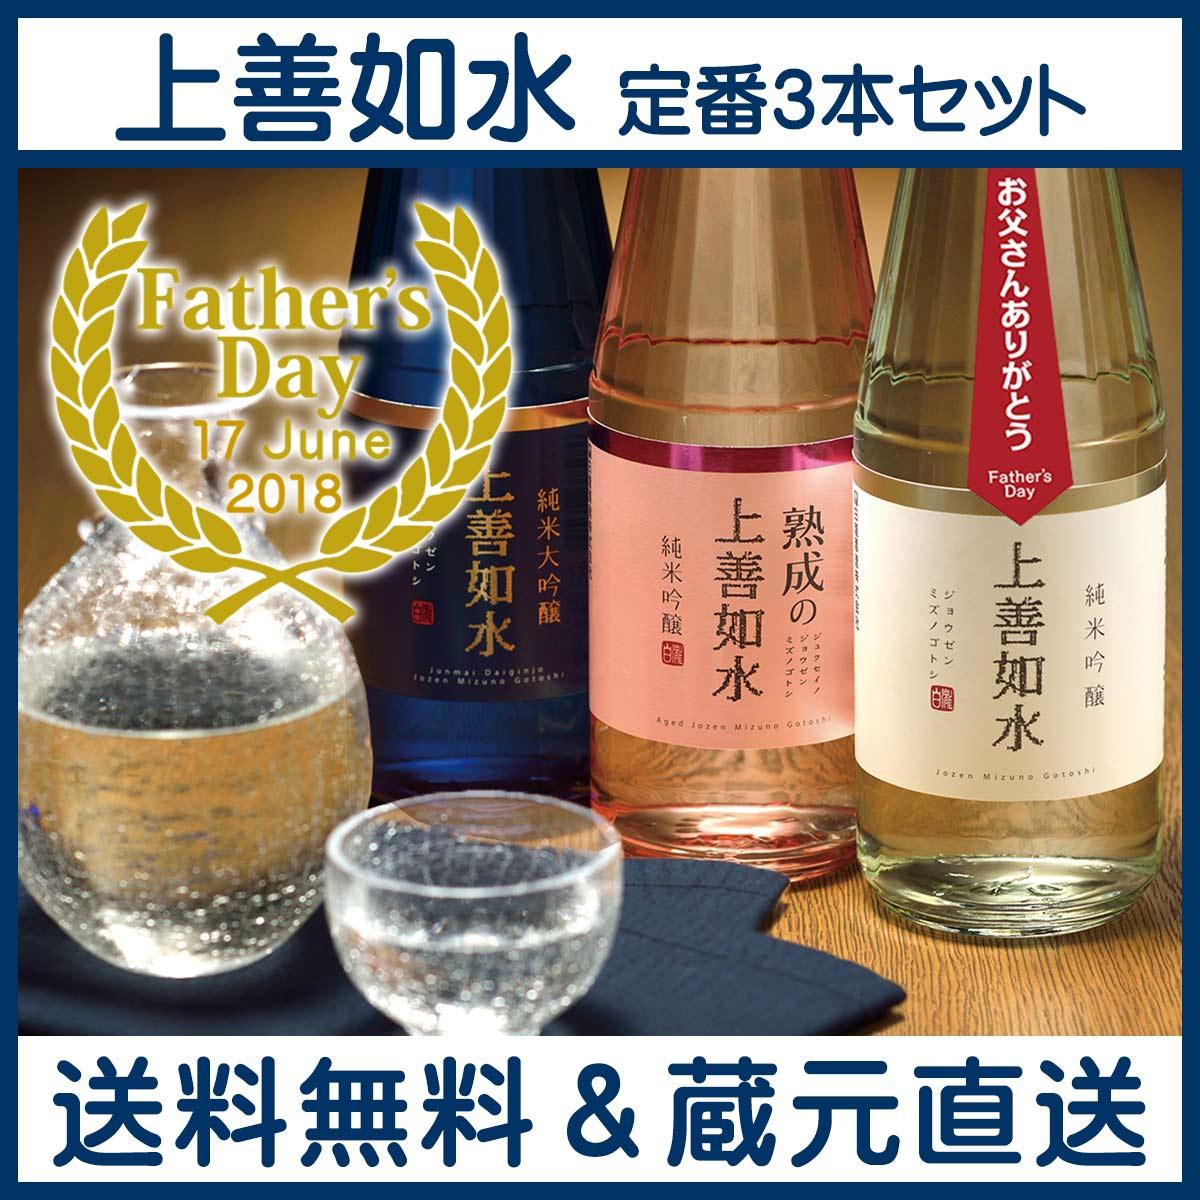 【白瀧酒造】上善如水ギフトセット 父の日仕様 720ml×3本入り 父の日 日本酒 ギフト 飲み比べ 新潟